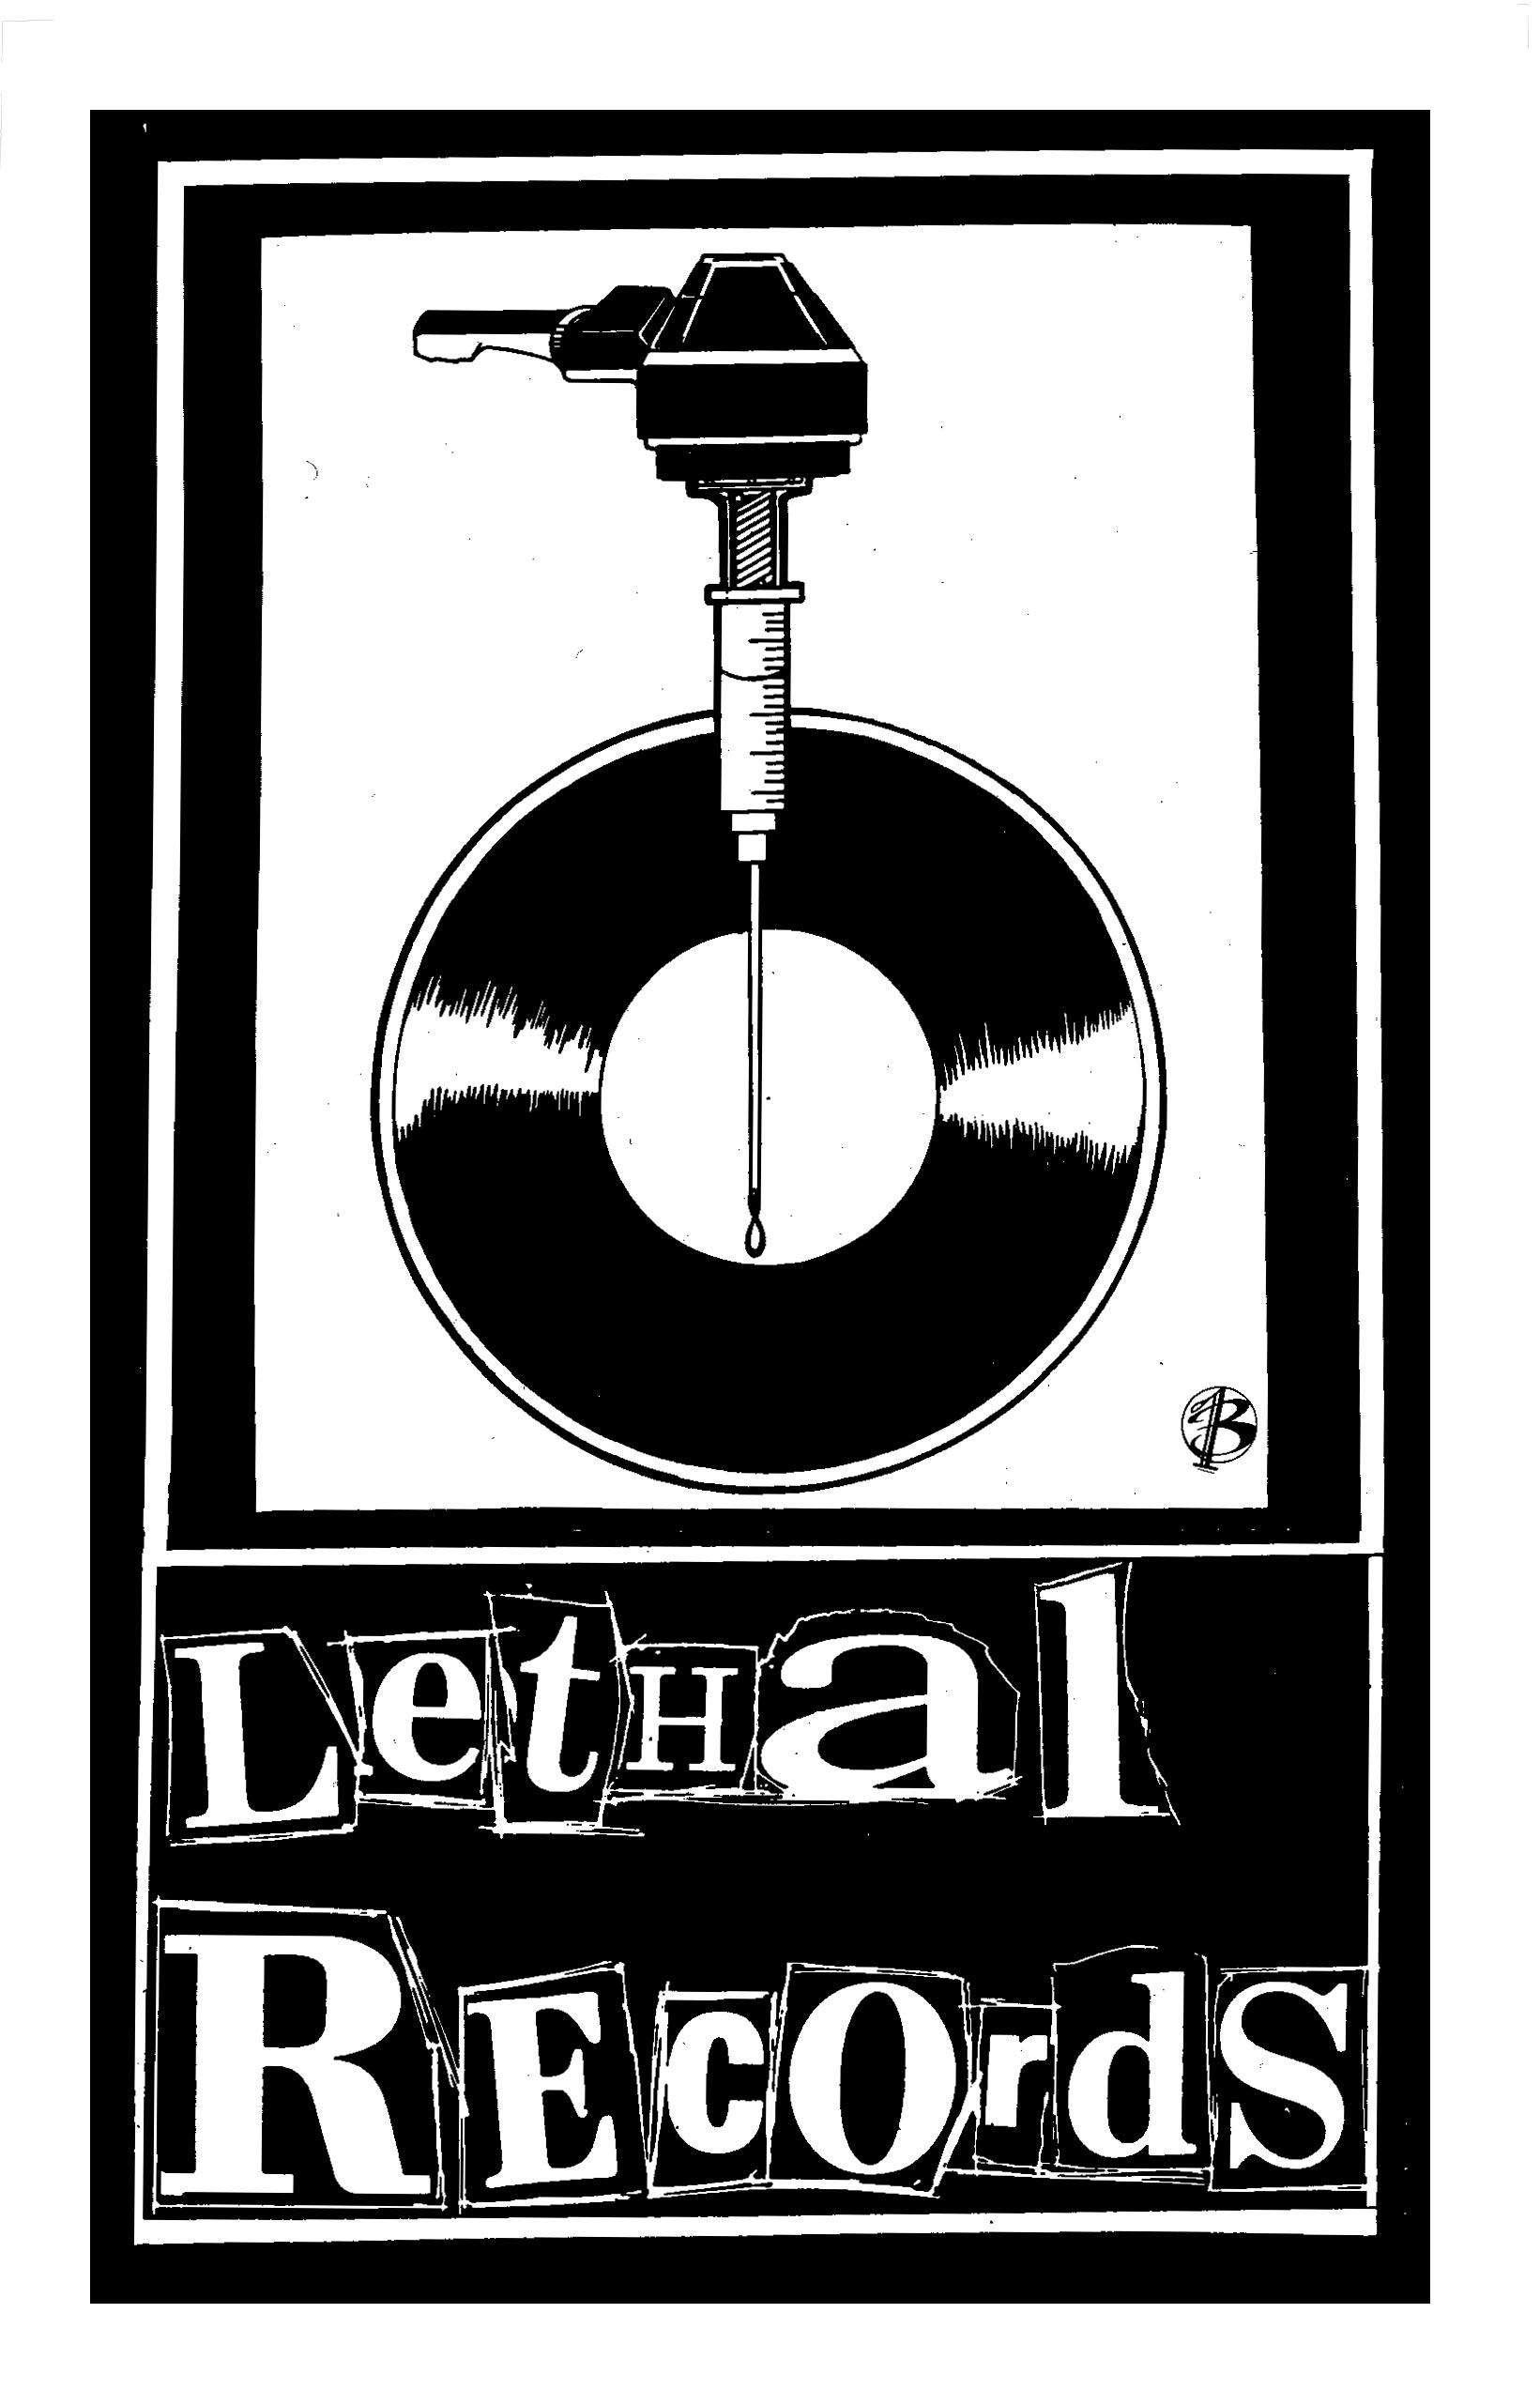 lethal-logo.jpg